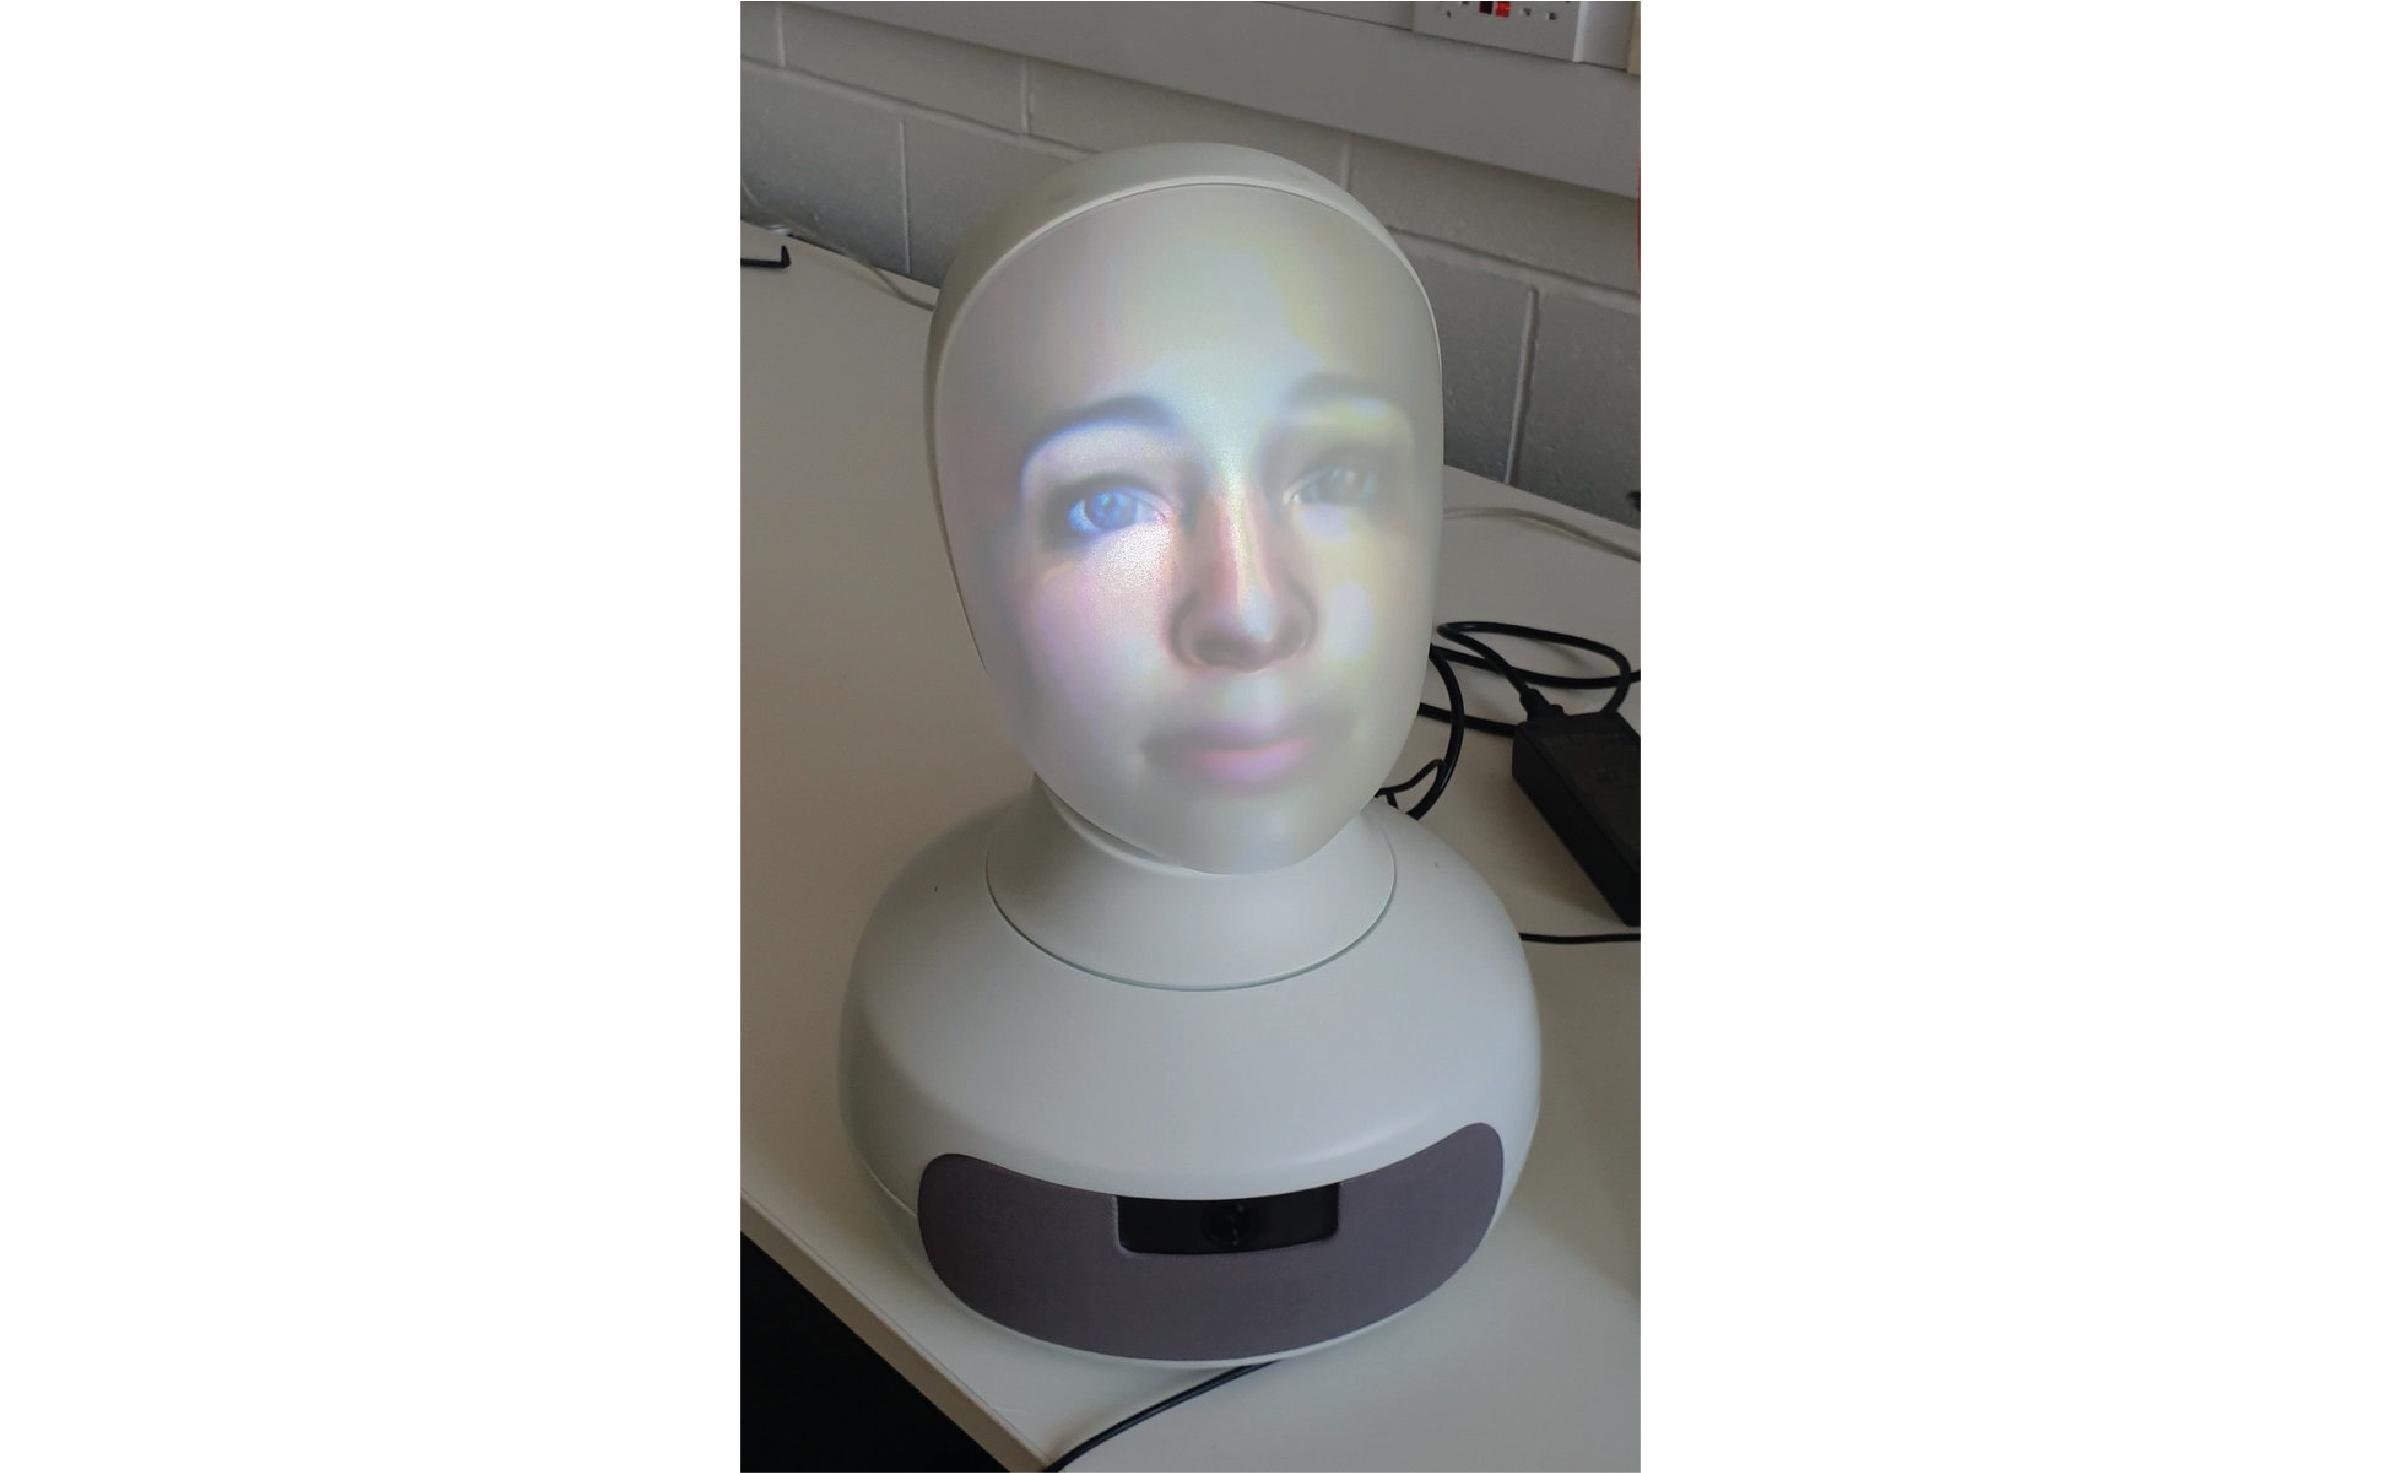 Furhat Gen2 robot